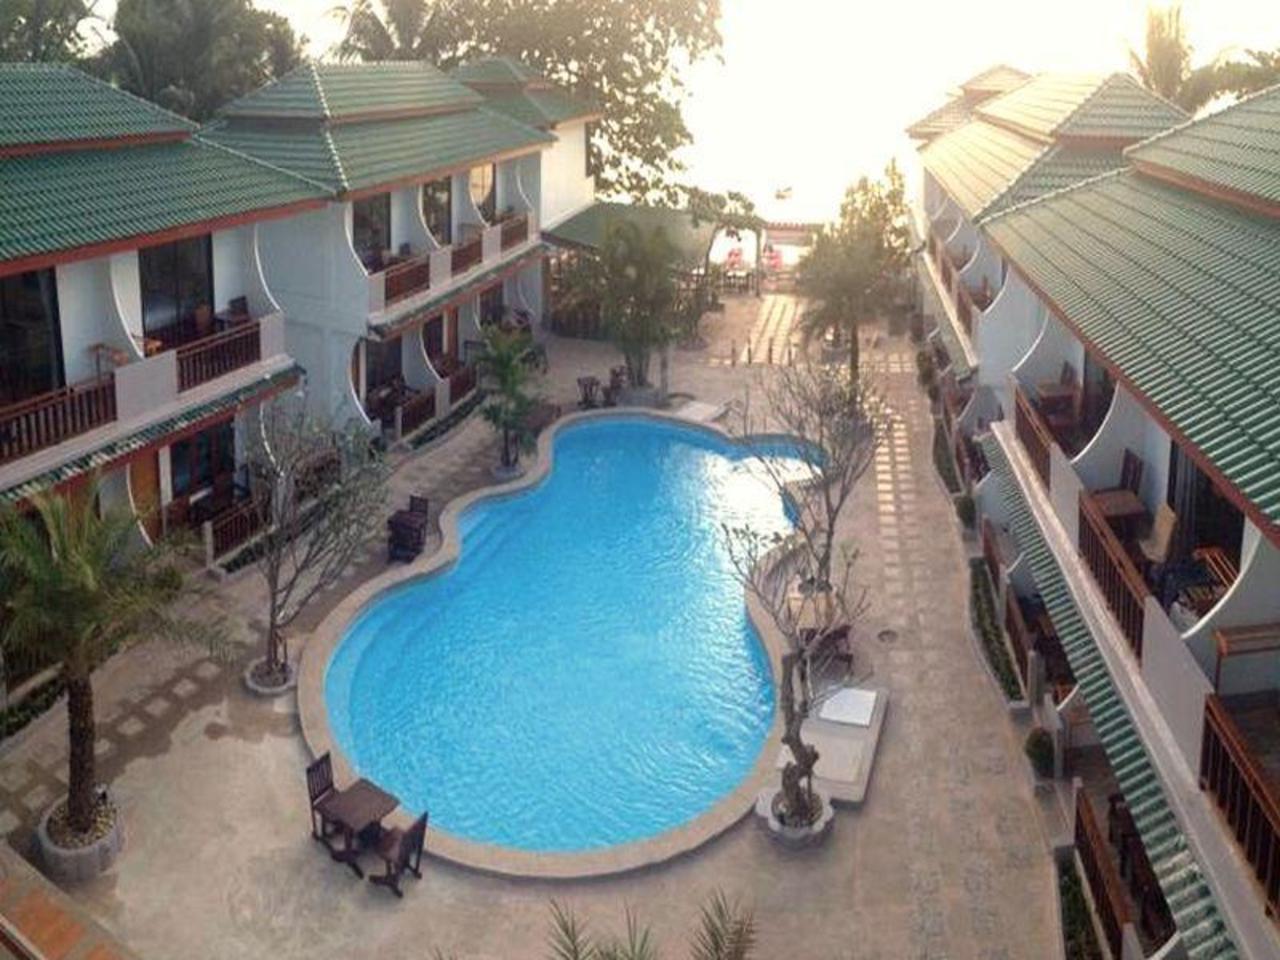 แบมบู แอท เกาะช้าง รีสอร์ท แอนด์ เรสโตรองต์ (Bamboo @ Koh Chang Resort & Restaurant)